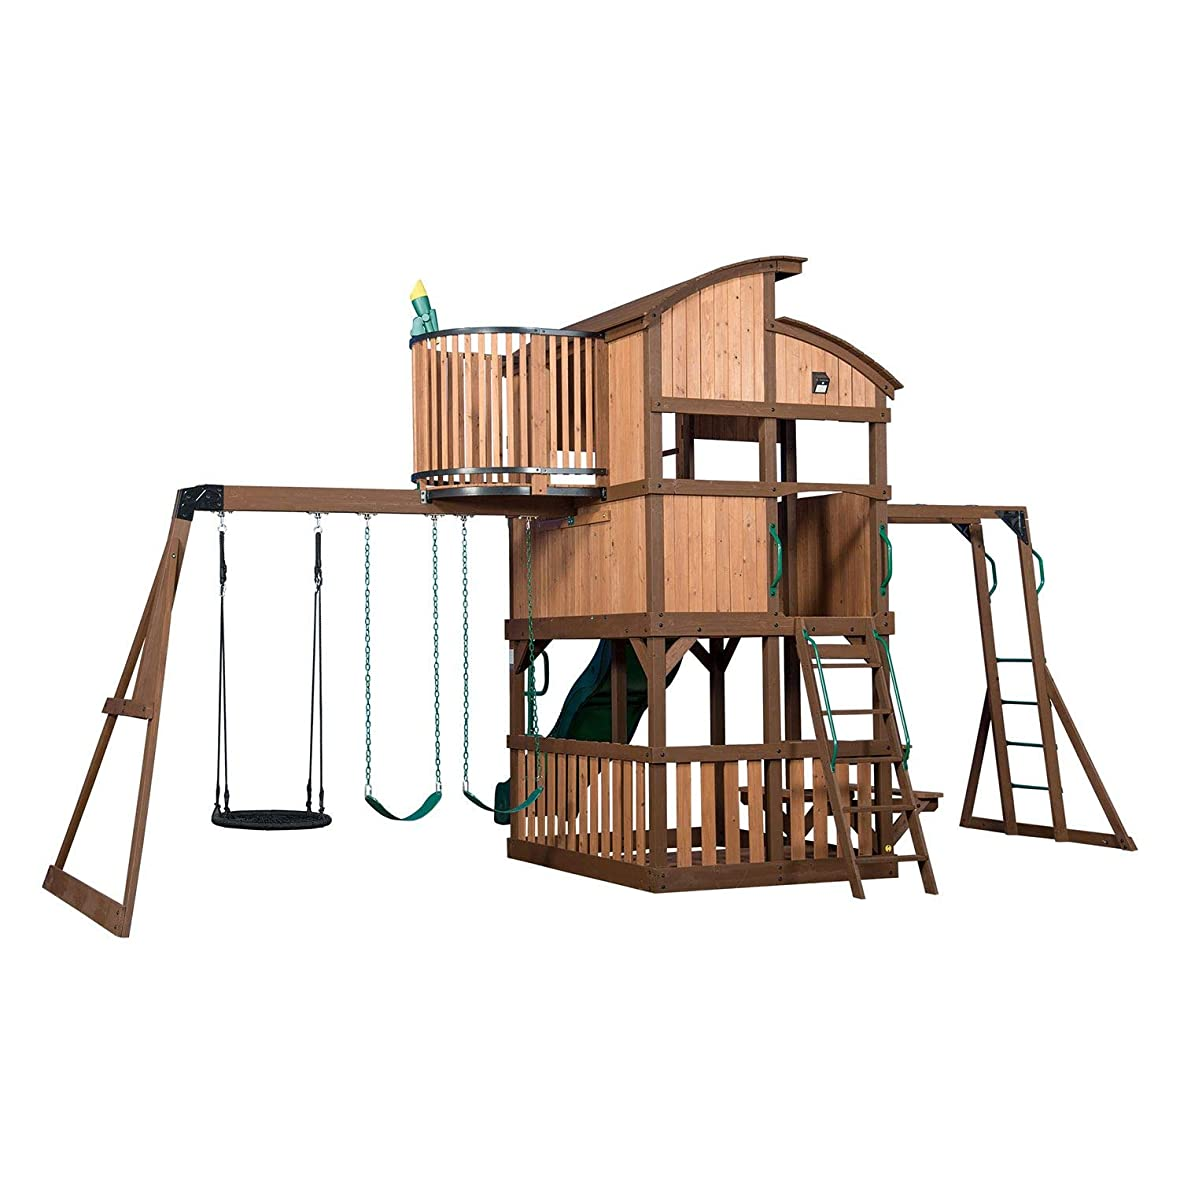 毎日刺繍走るCedar Park at Home スイングセット Forts Slide Club House クライミングツリー モンキー バー